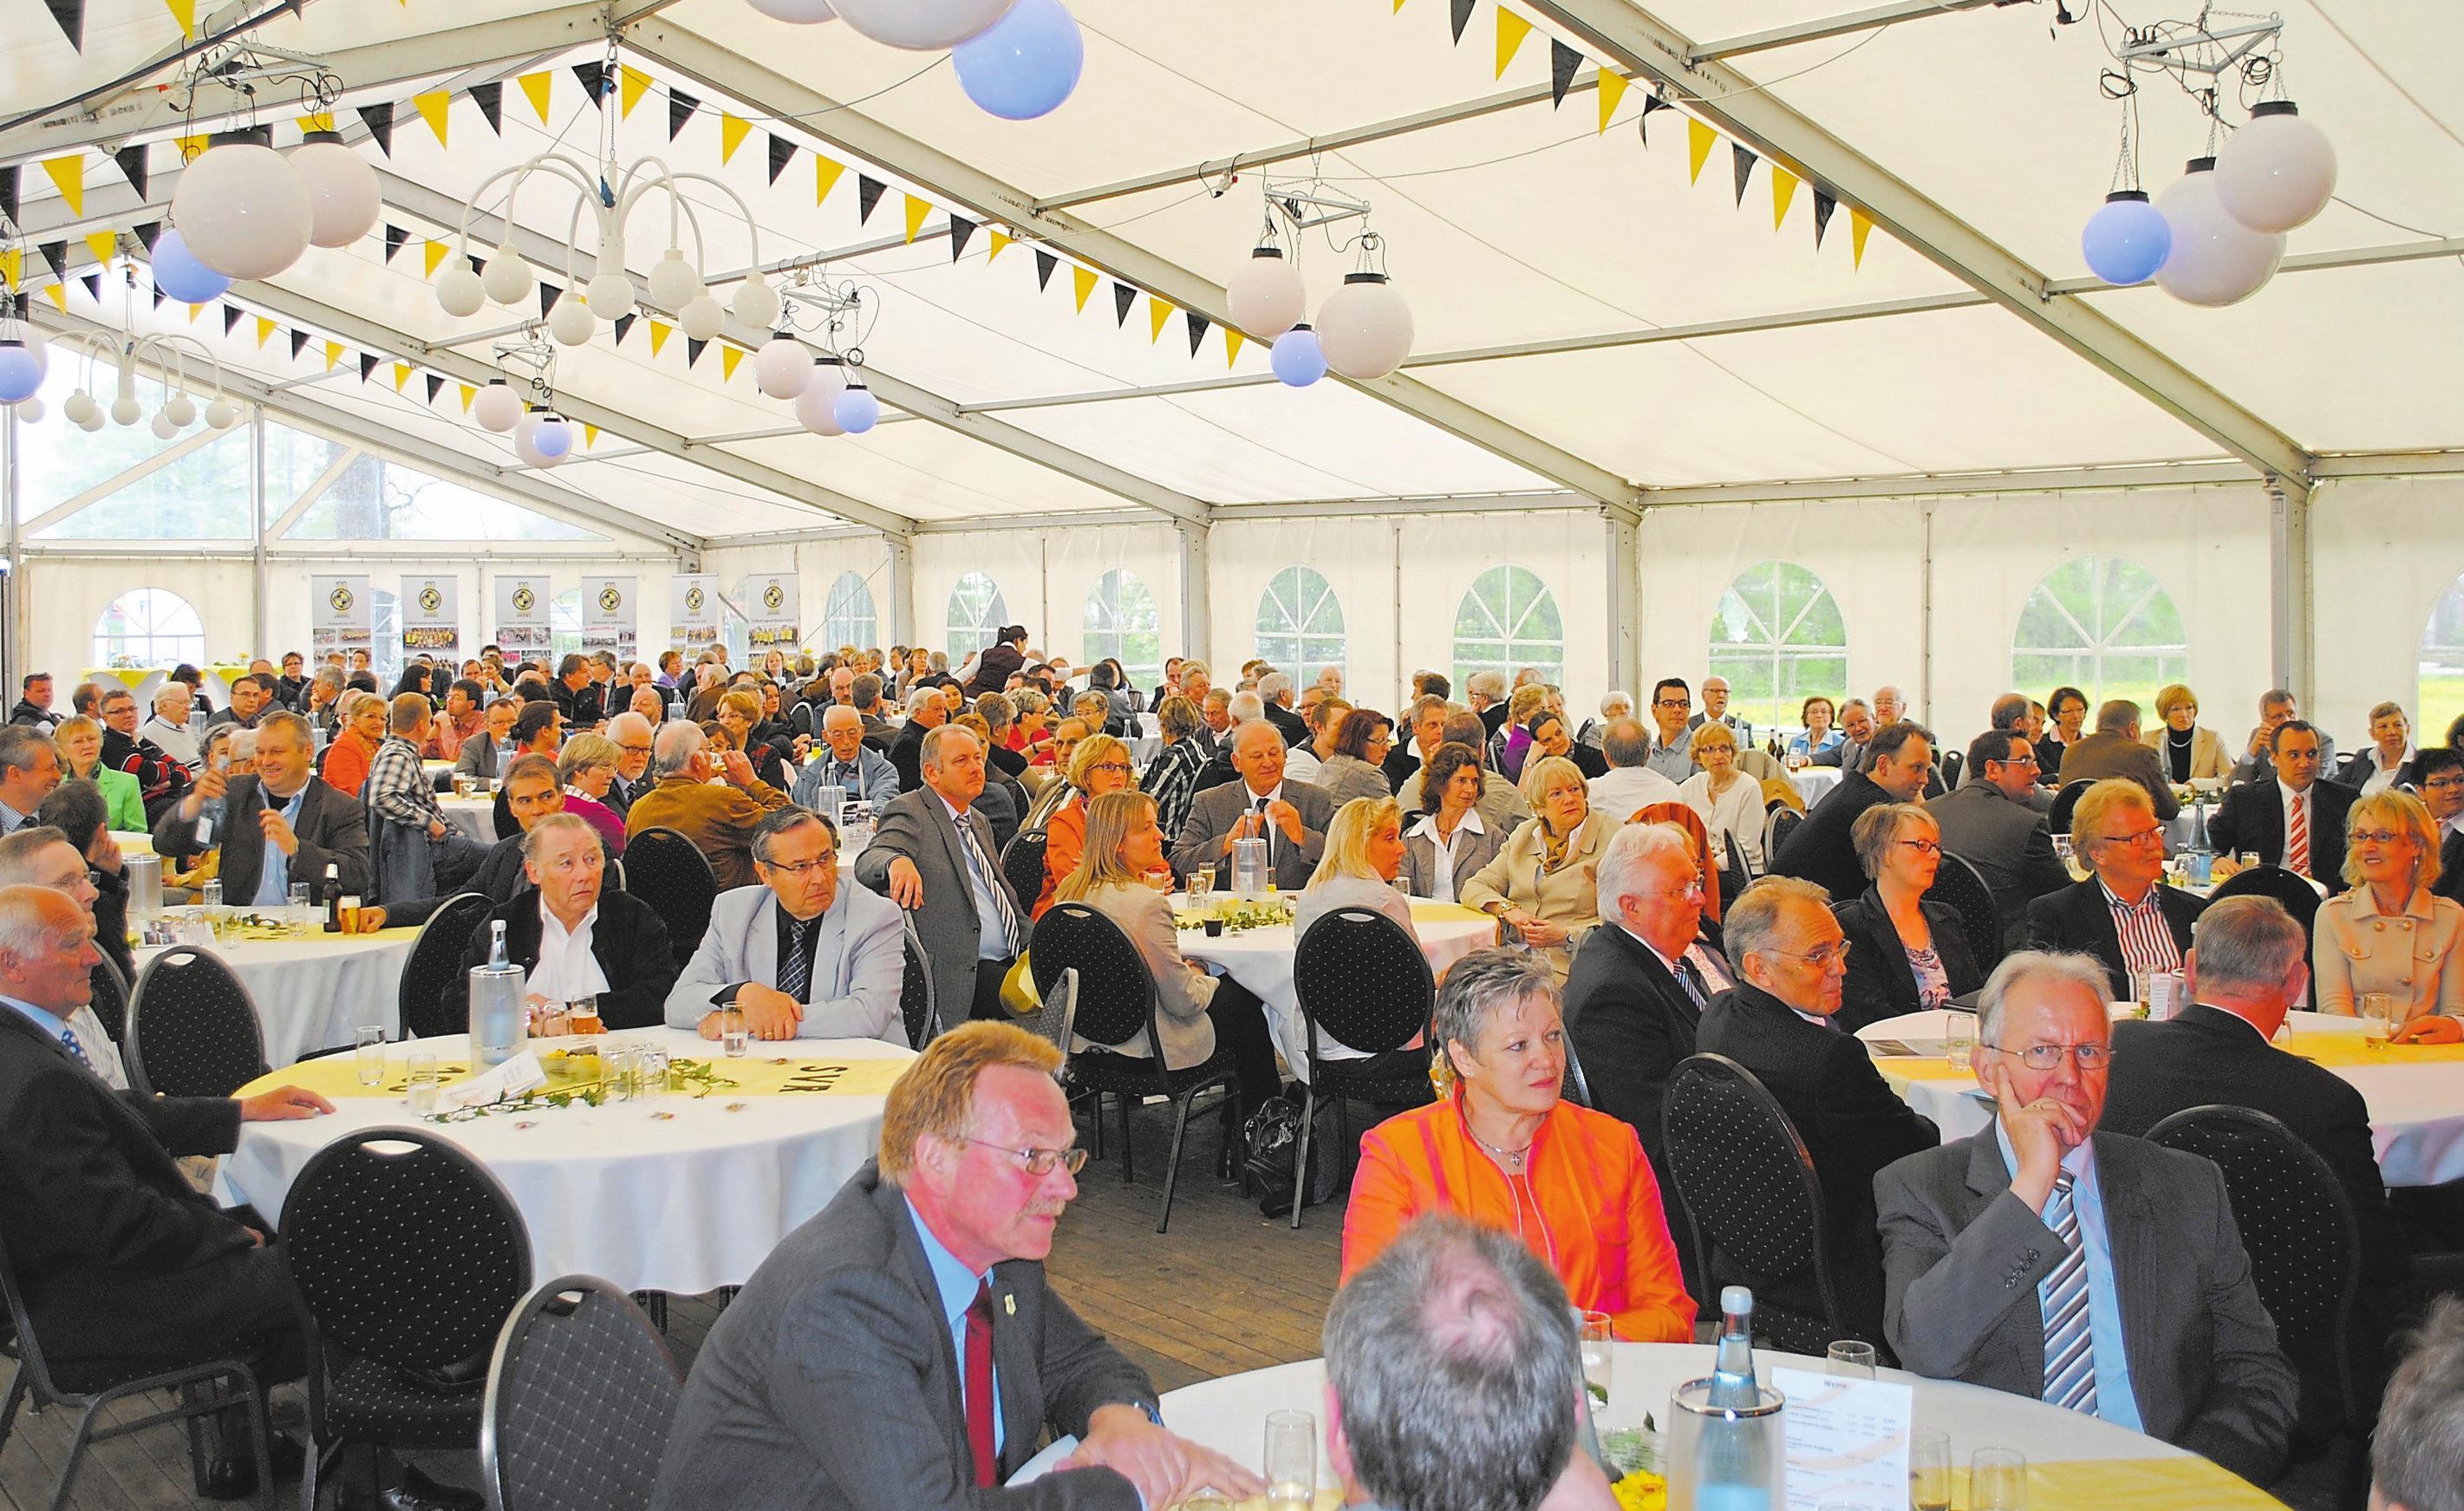 2012 hat der SVR das 100-jährige Bestehen gefeiert. Fotos: -phi-/Verein